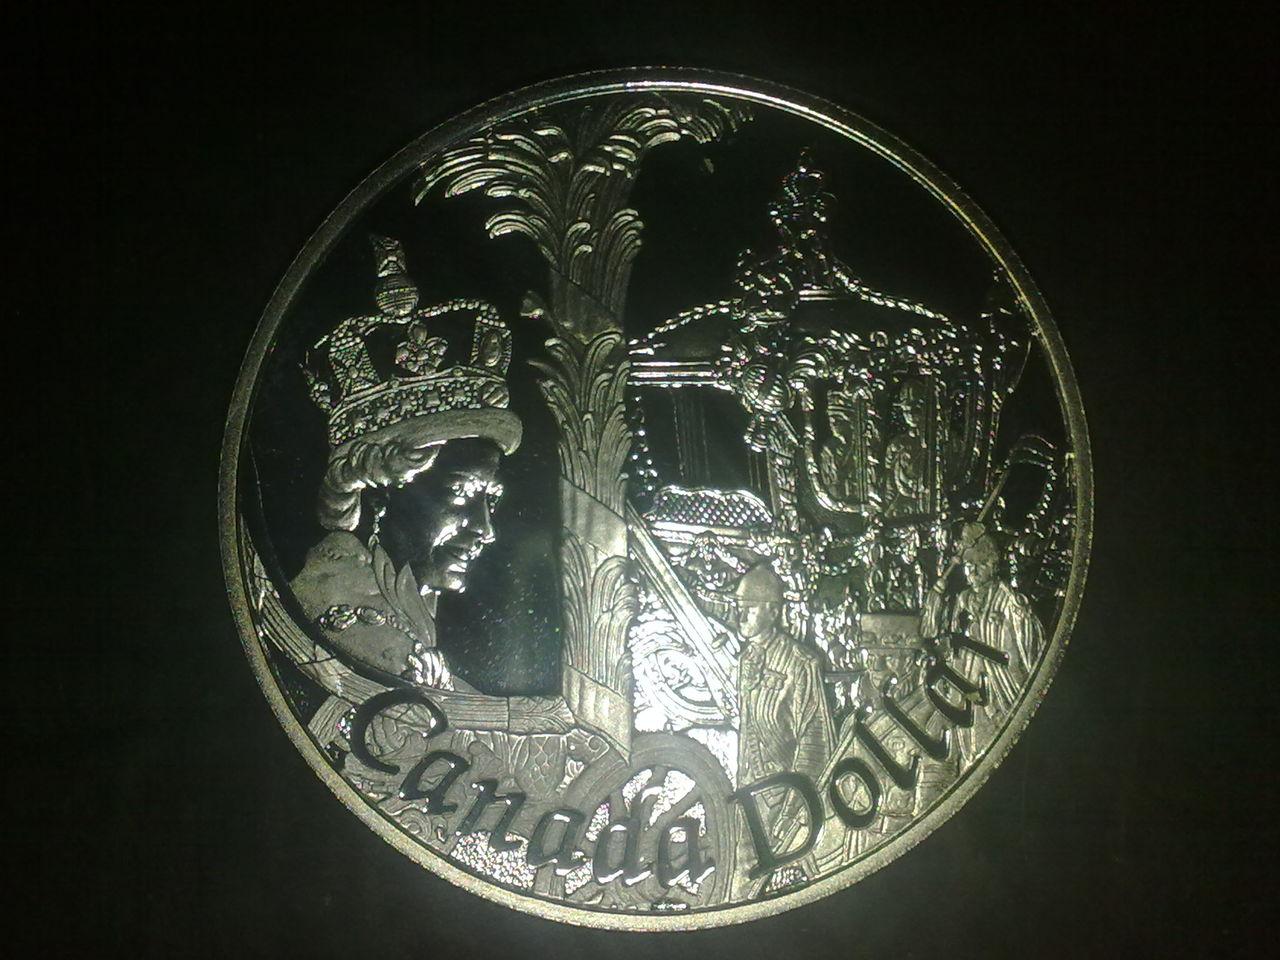 Un dolar Canada tambien conmemorativo.. X_003